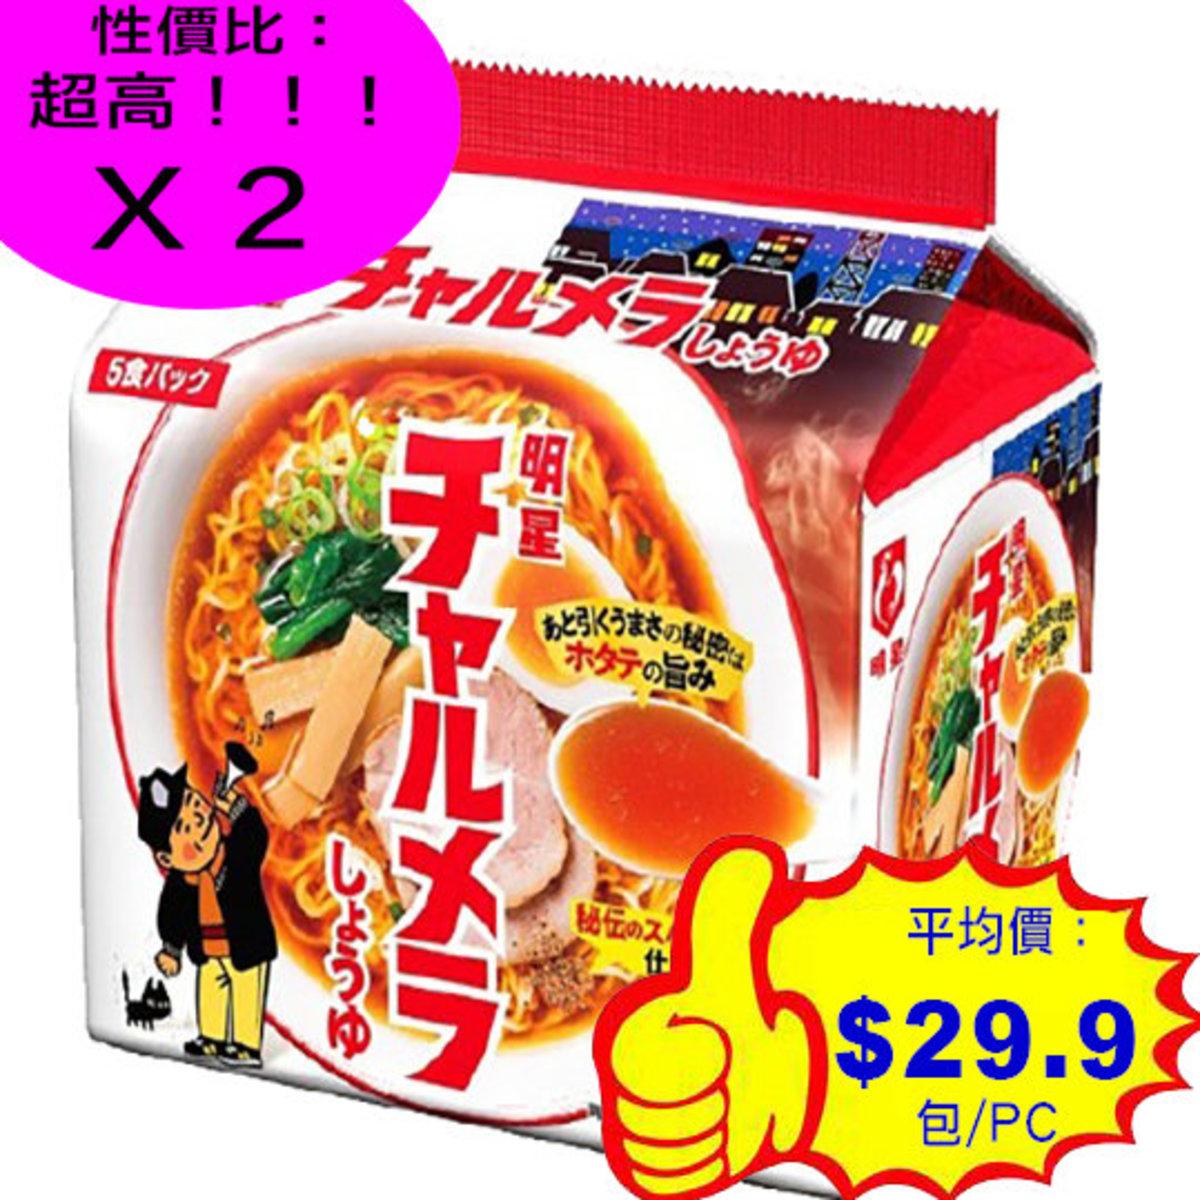 醬油拉麵5餐包 x 2pcs